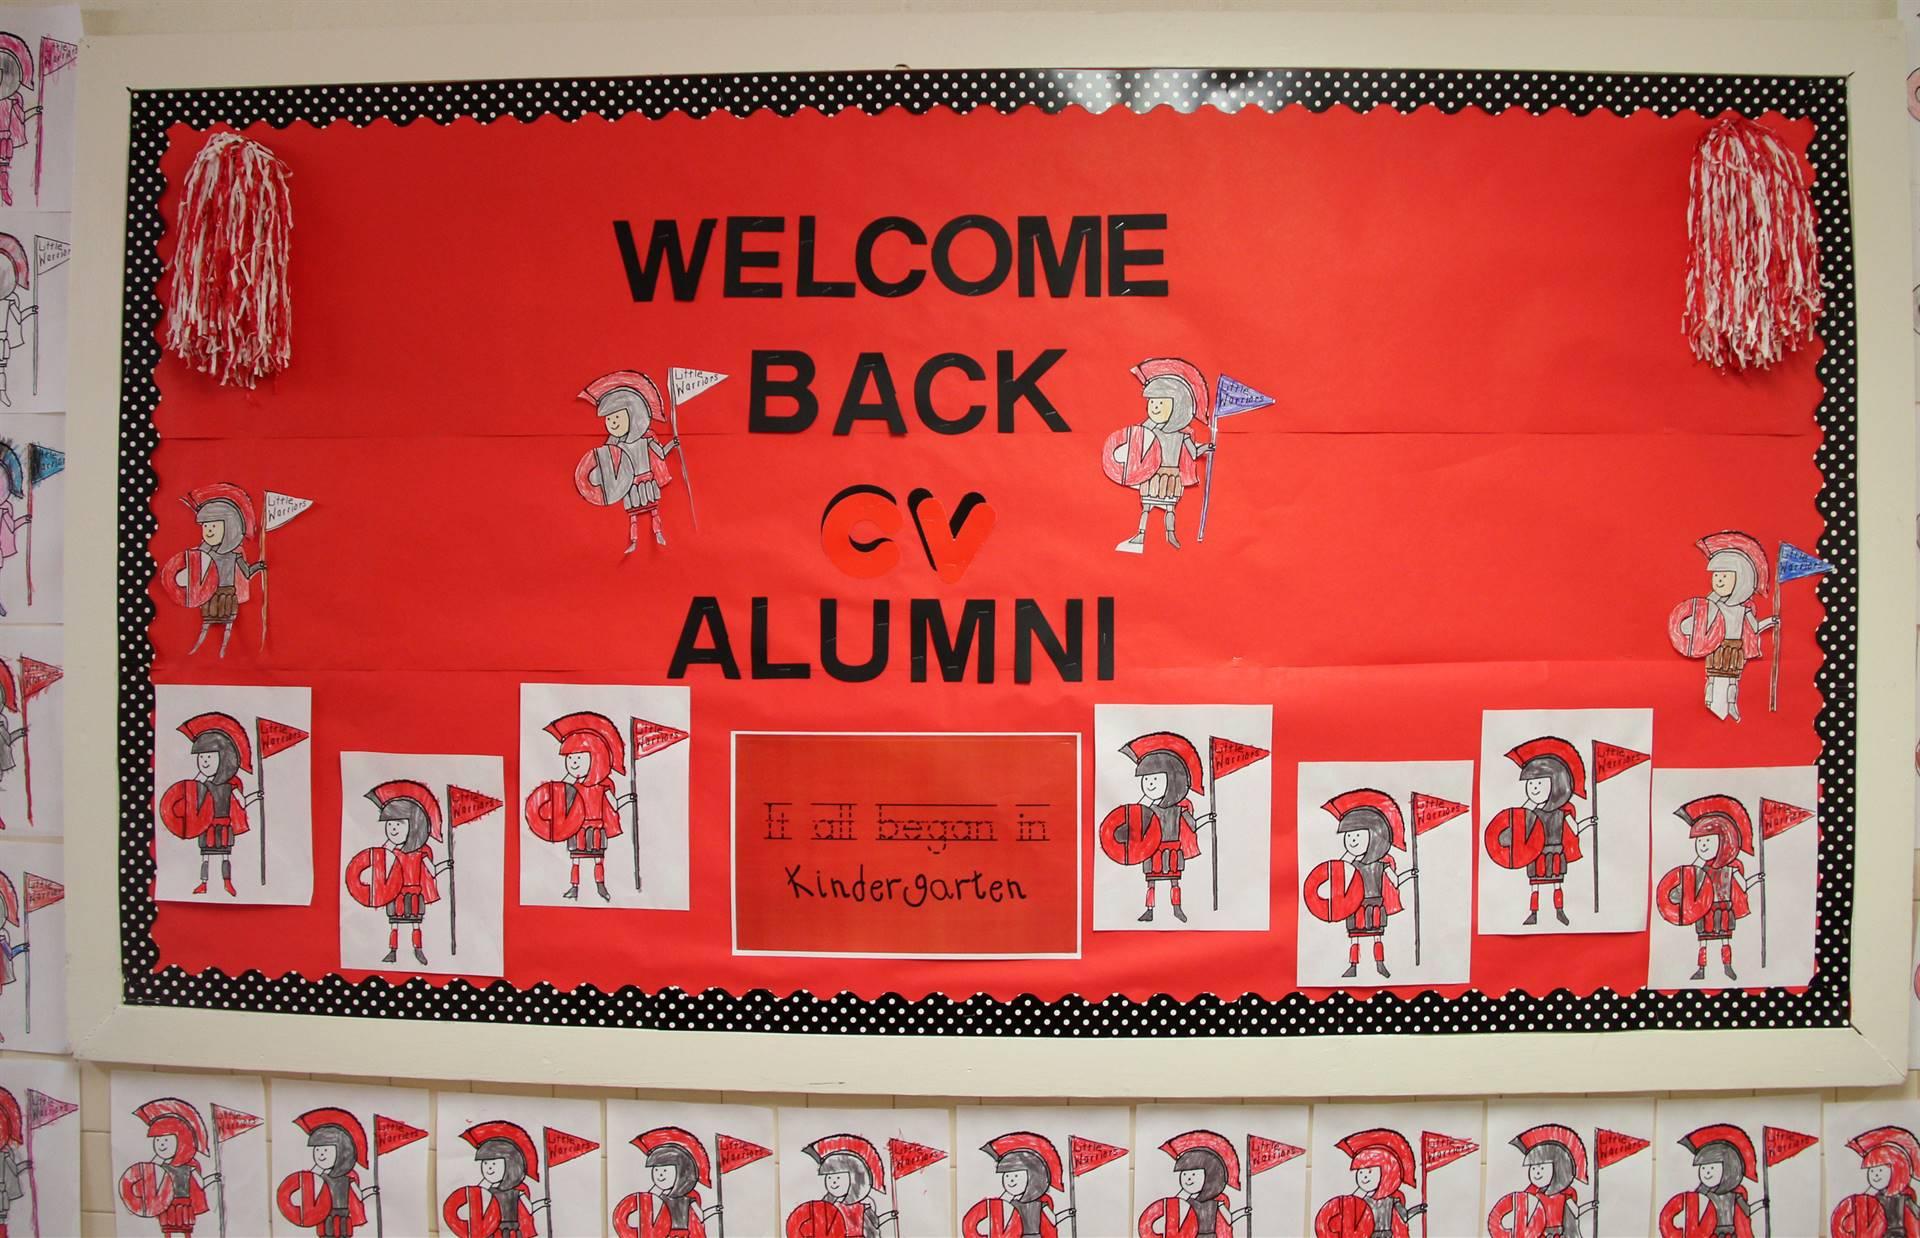 welcome back c v alumni poster